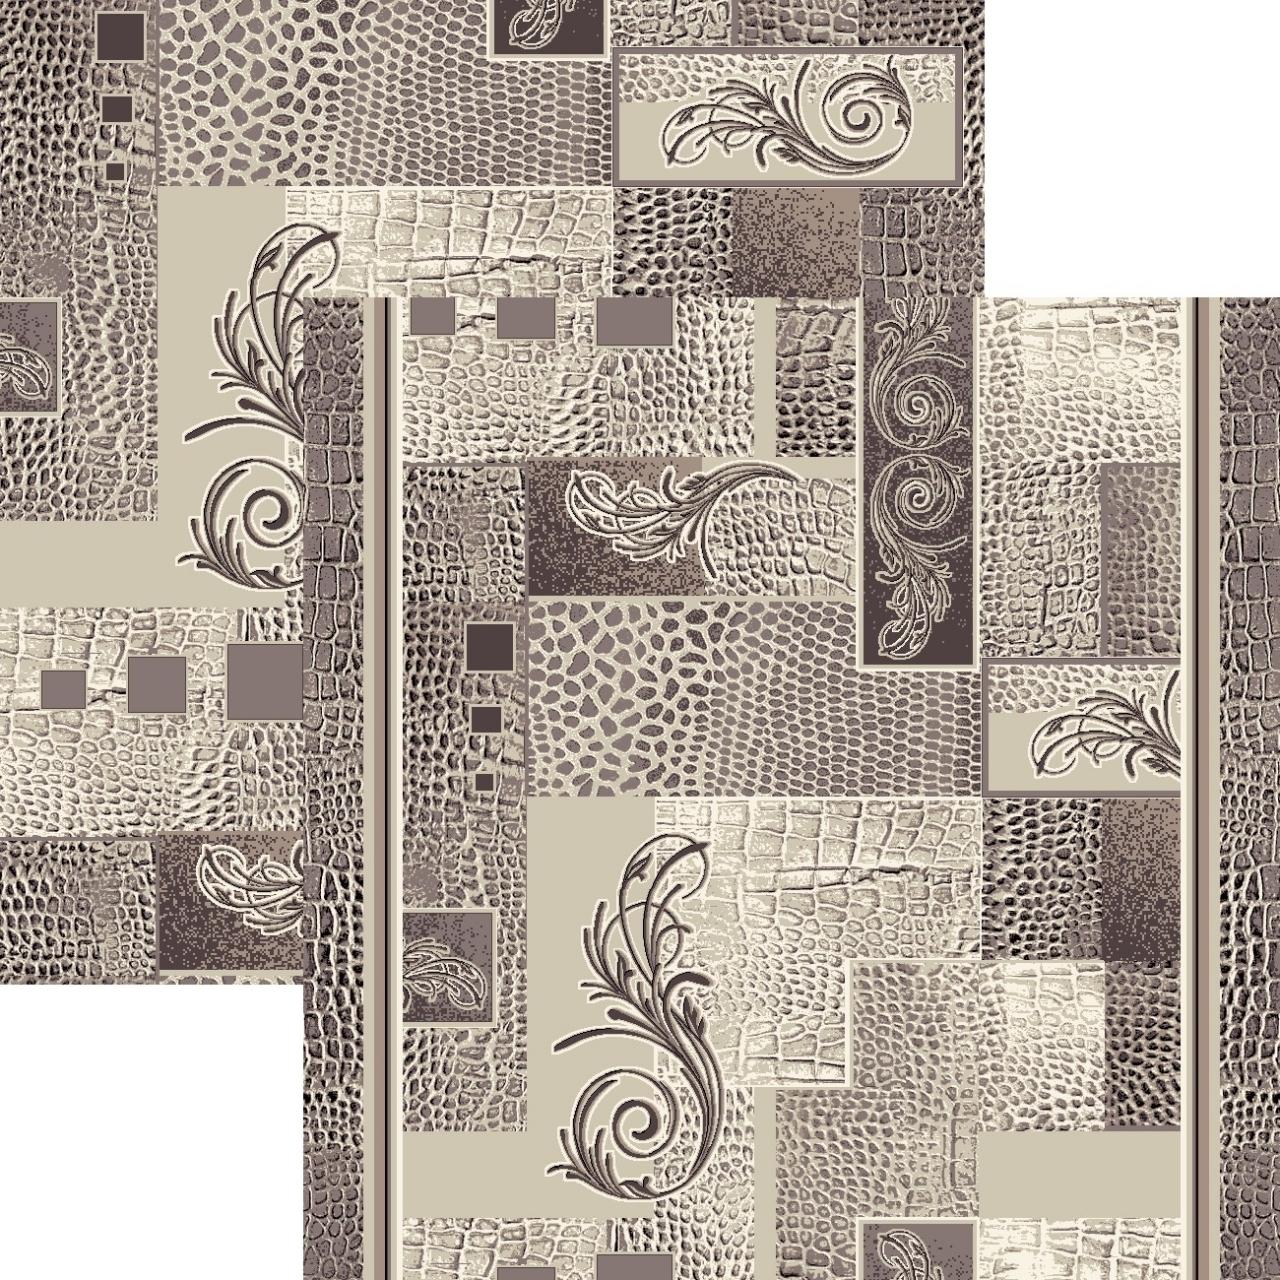 Ковер p1604a2p - 100 - Прямоугольник - коллекция принт обр 8-ми цветное полотно - фото 1